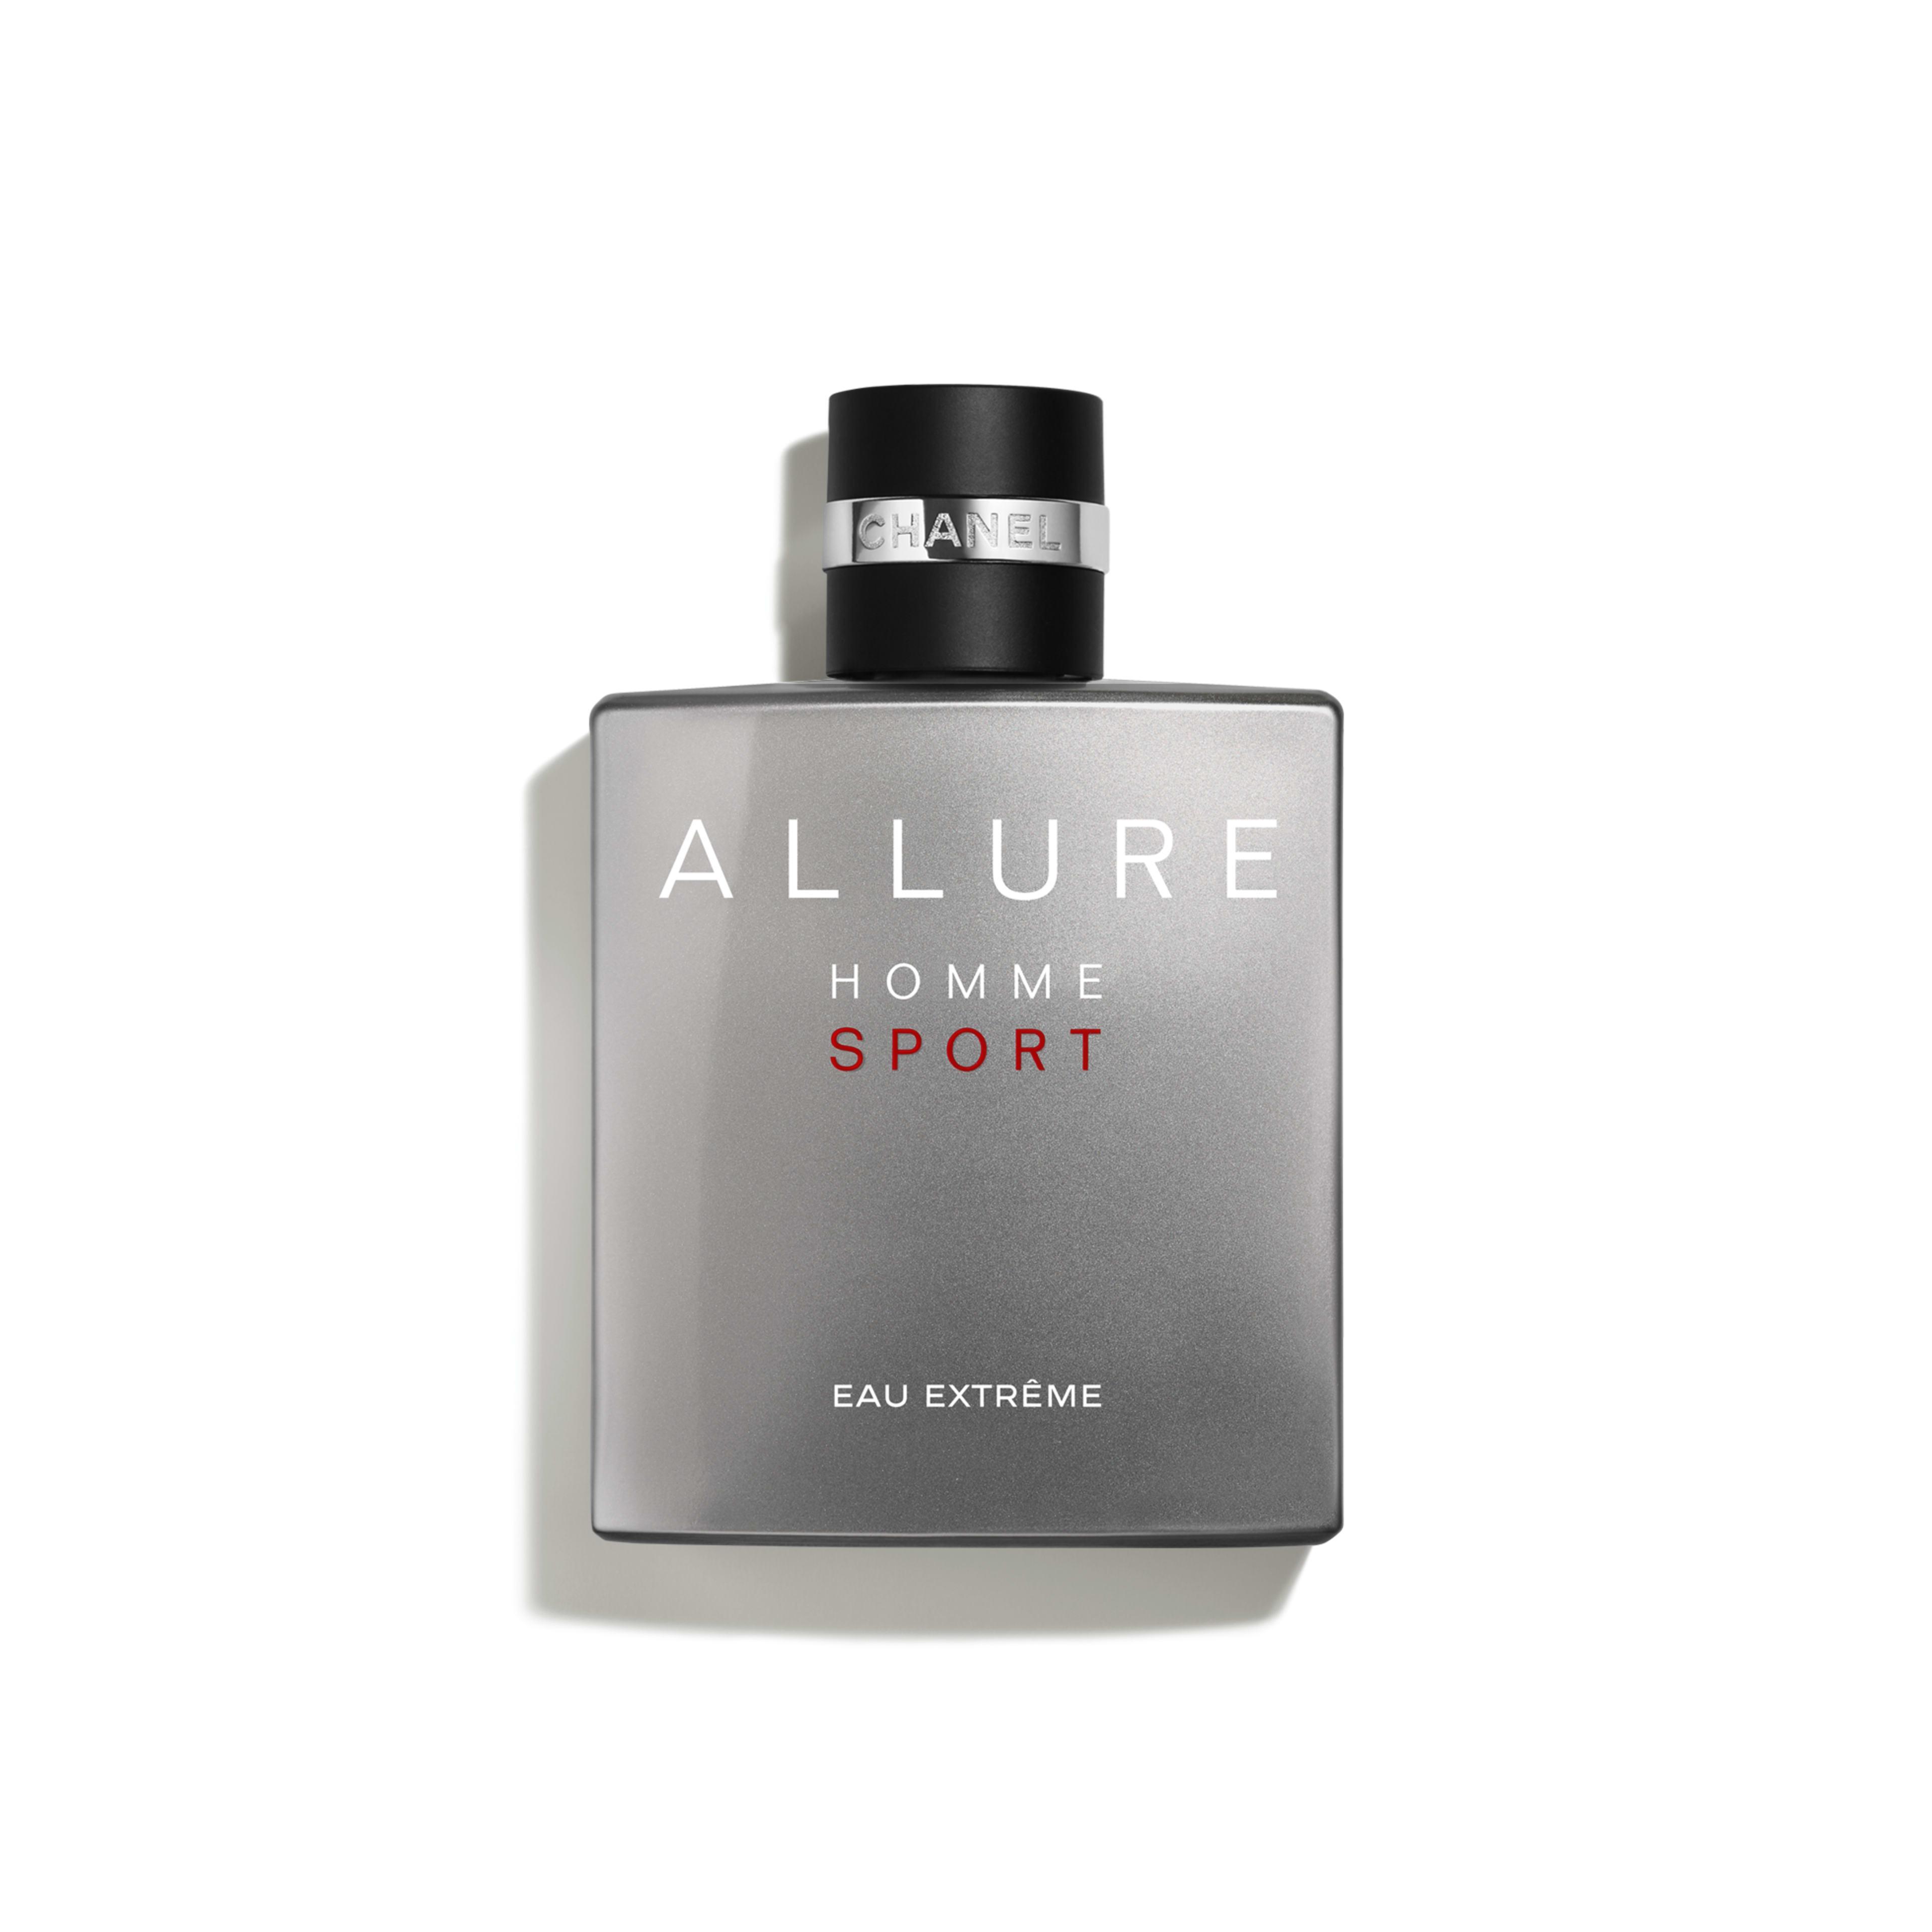 chanel homme parfum